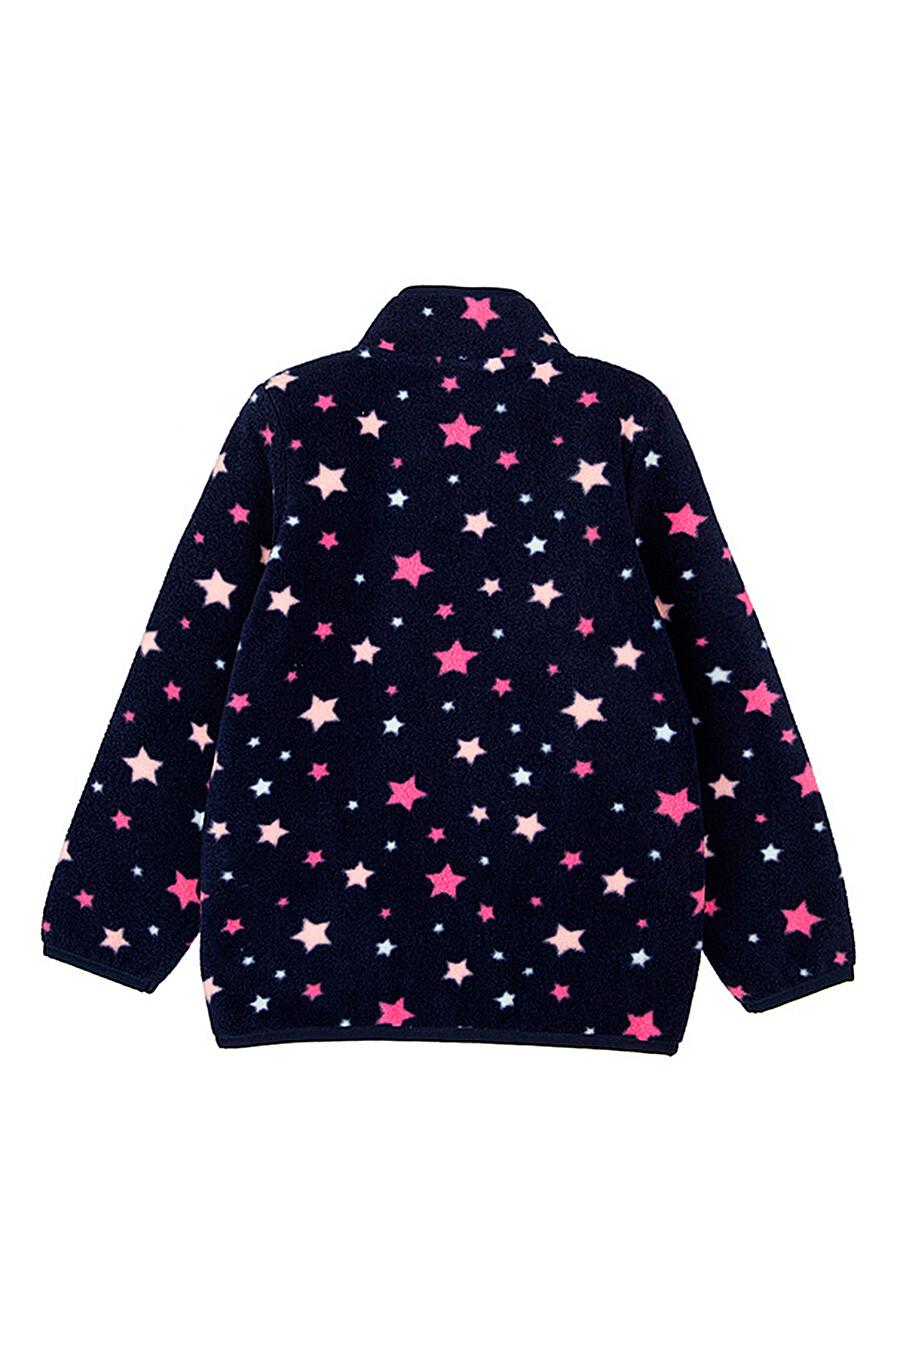 Толстовка для девочек PLAYTODAY 239224 купить оптом от производителя. Совместная покупка детской одежды в OptMoyo